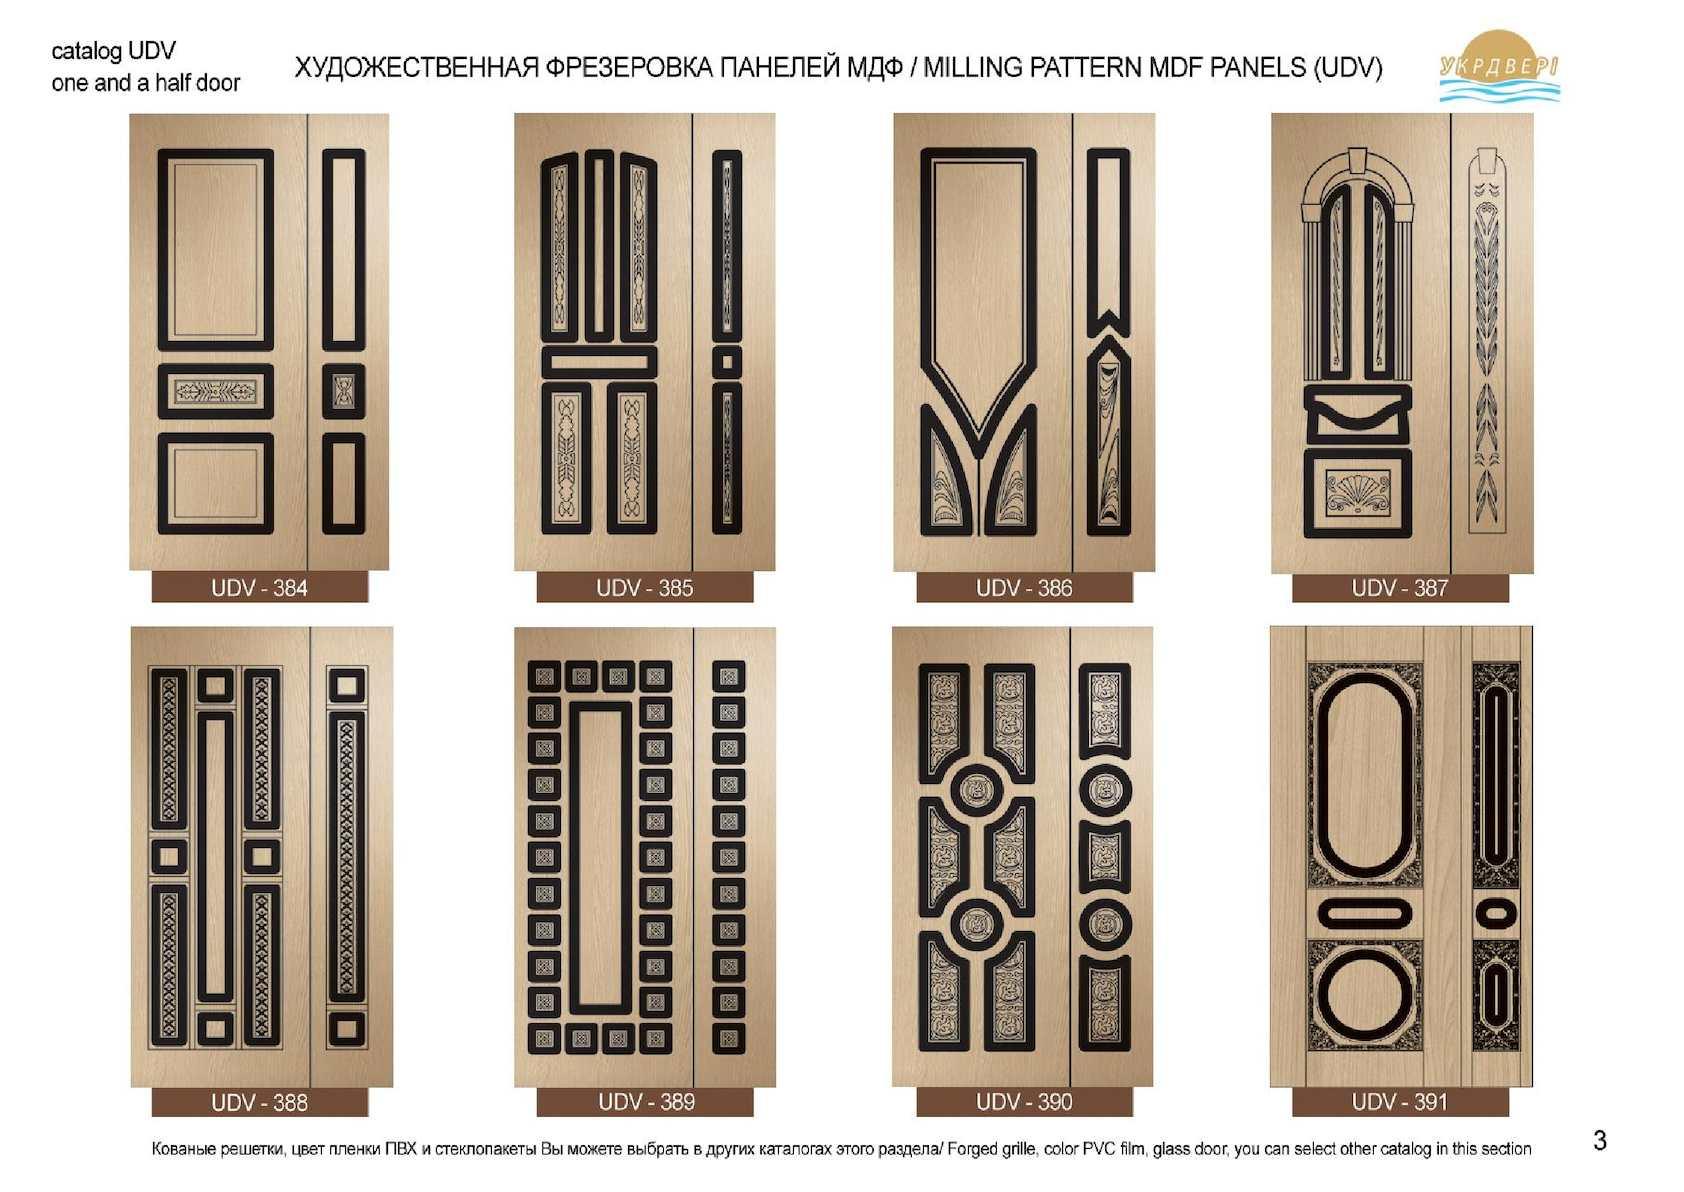 Фрезы для фасада мдф: виды фрез для мебельных карнизов и фасада. как выбрать?